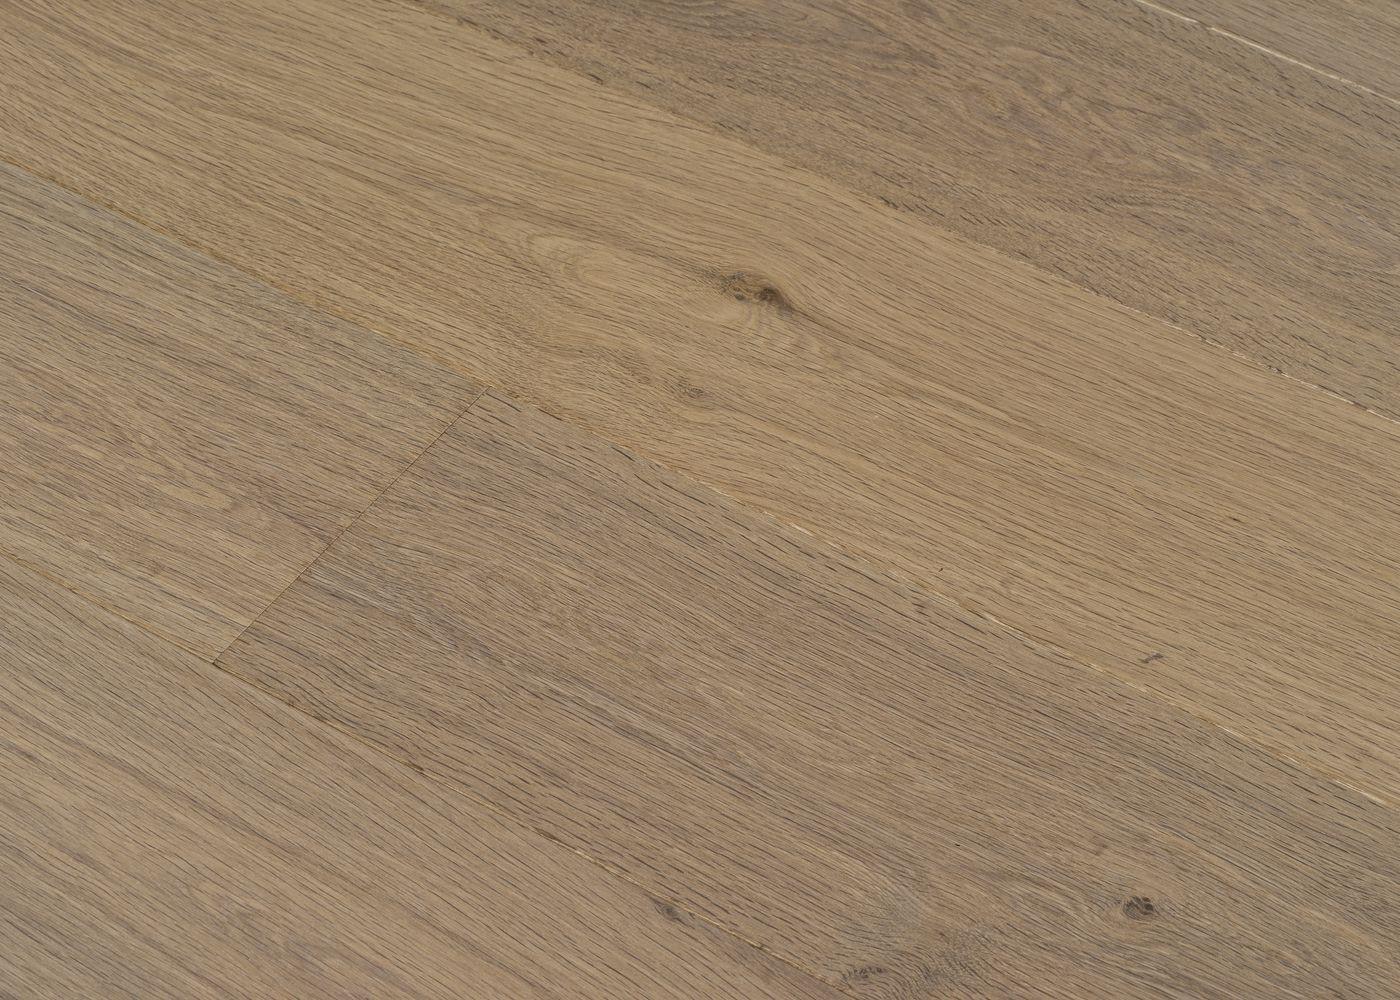 Parquet chêne contrecollé TAUPE huile cire Mélange 50% PRBis, 50% Matière 12x160x1100-2200